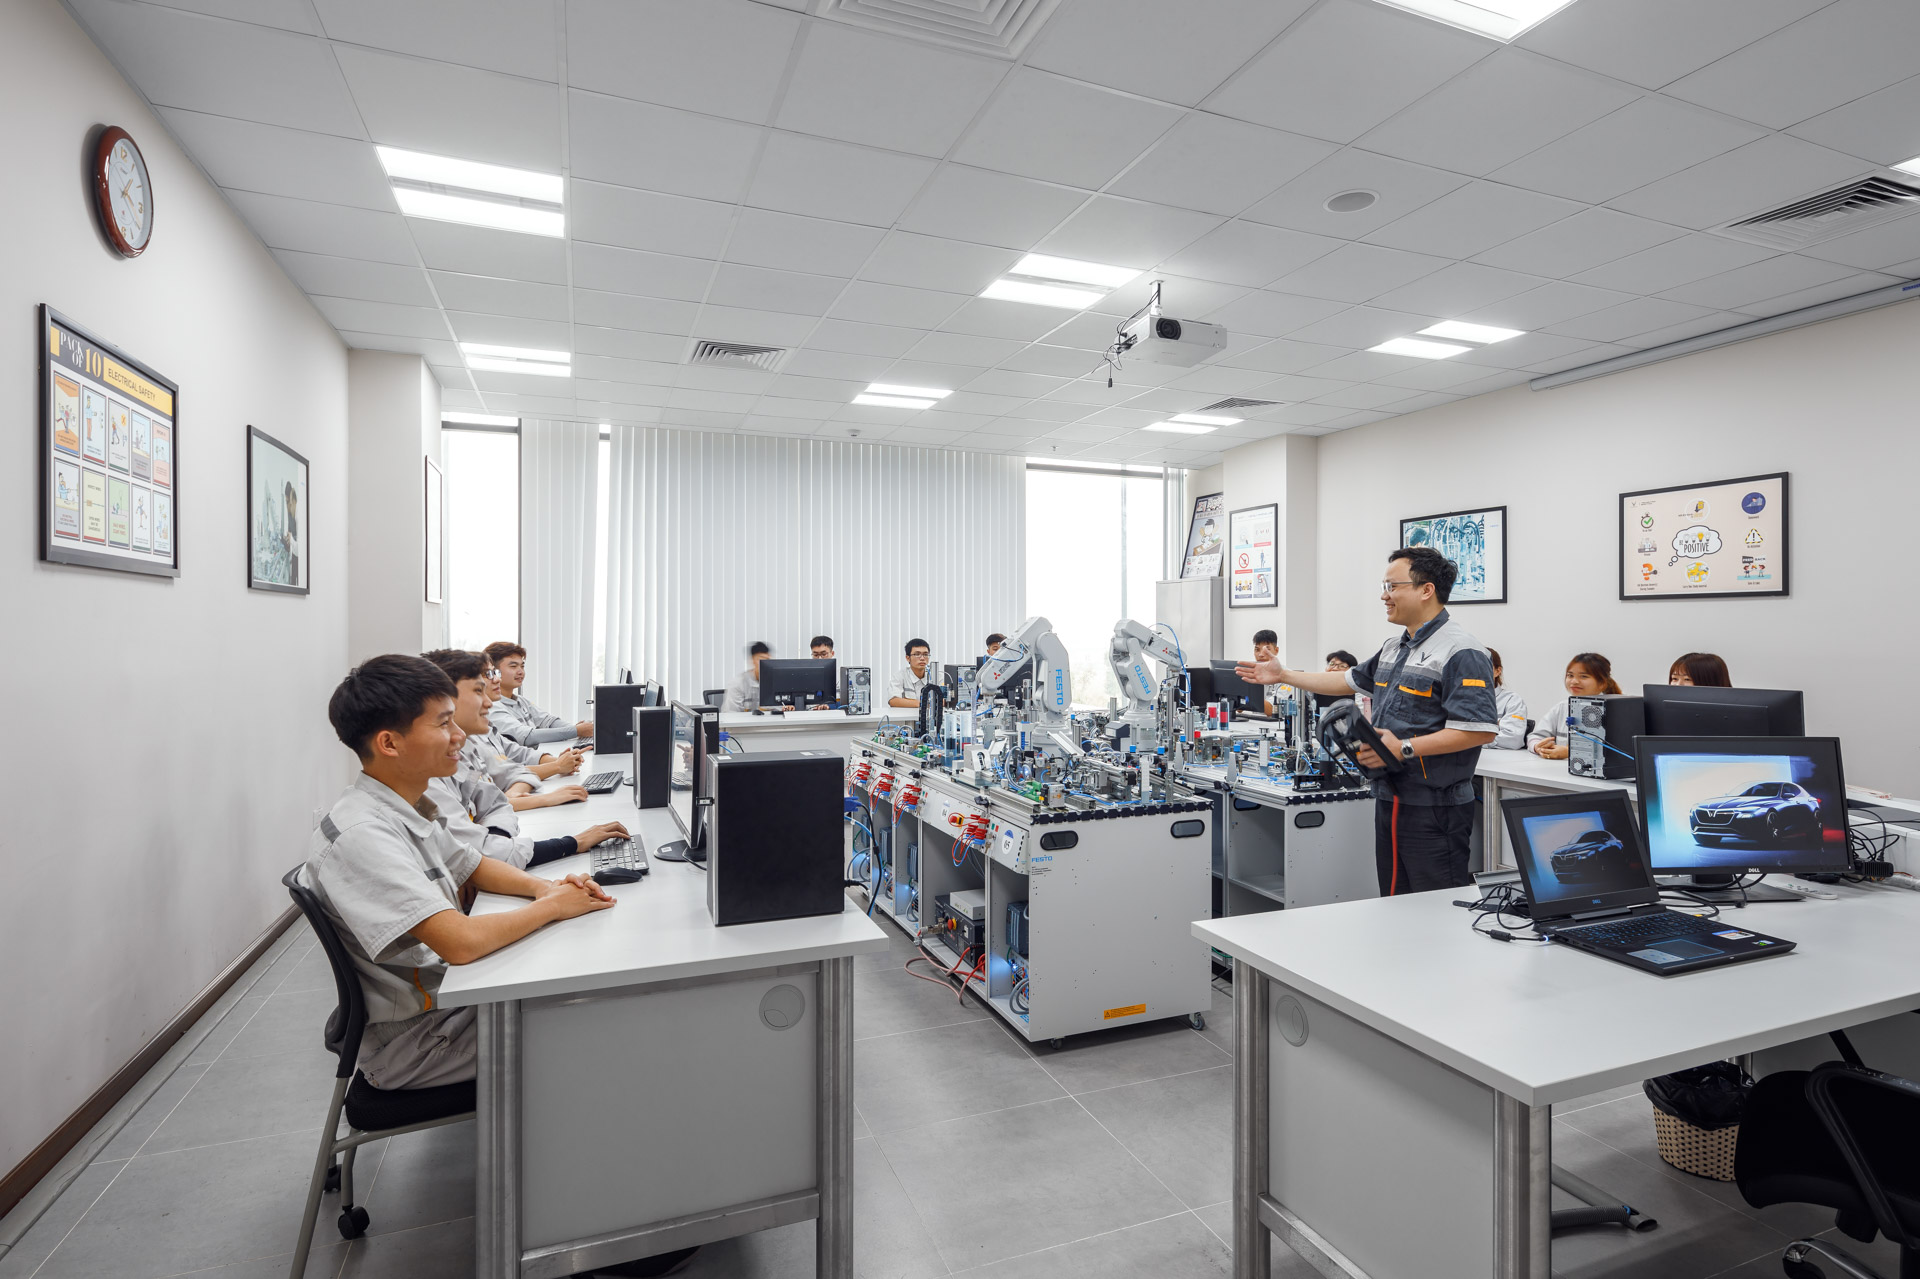 VinFast hợp tác đào tạo cao đẳng chuyên ngành cơ điện tử và kỹ thuật ô tô  - Ảnh 2